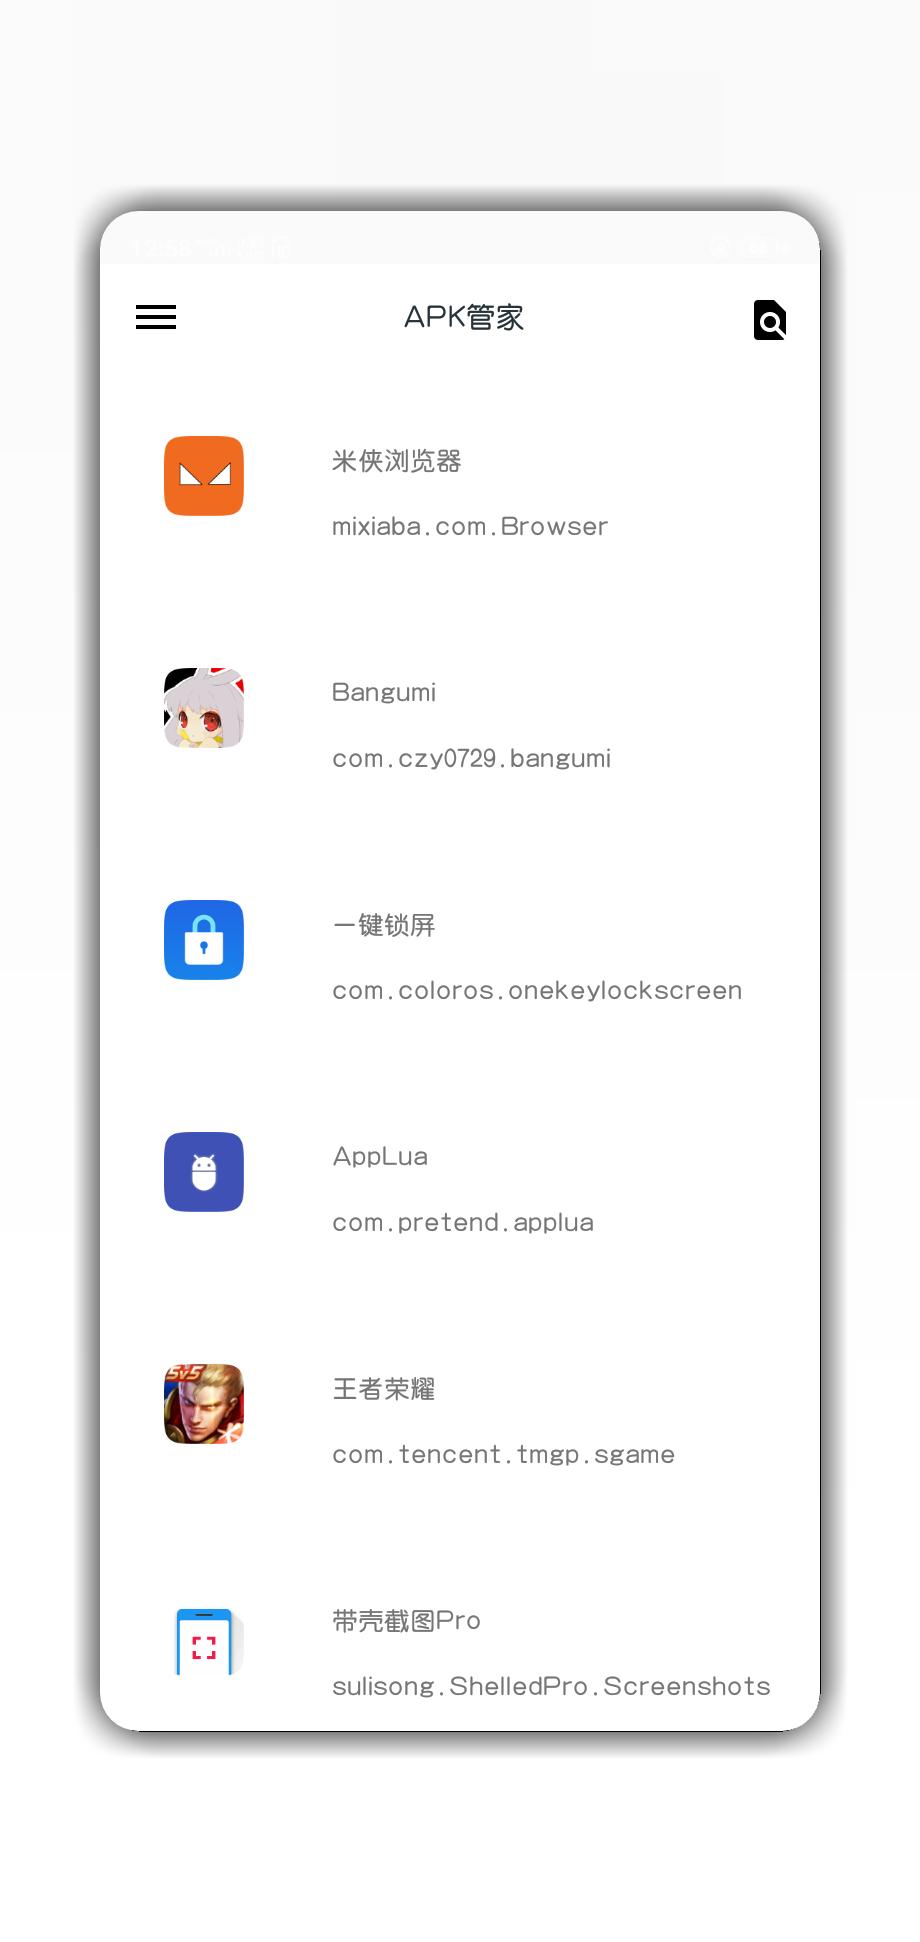 【分享】APK管家 一款方便的app资源提取工具